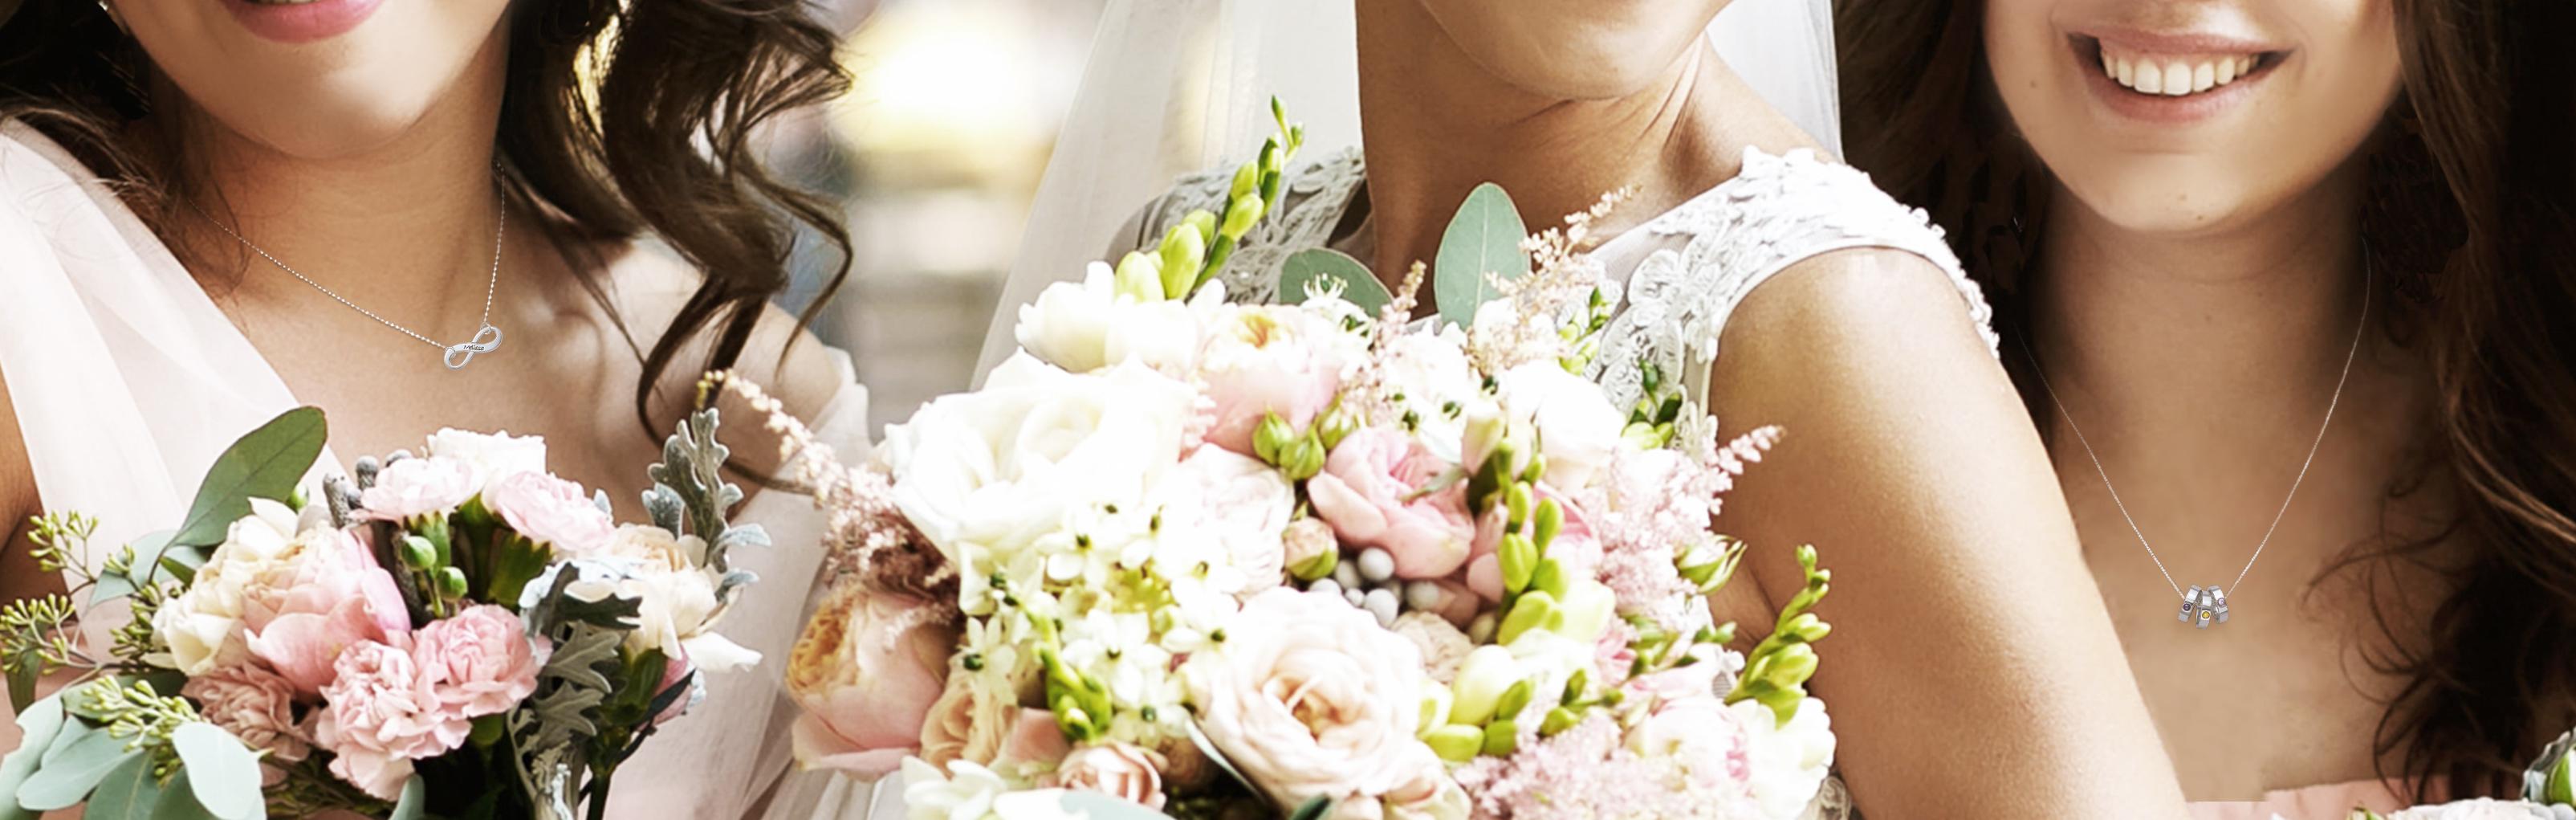 La migliore gioielleria per I regali da sposa con costi al di sotto di 40€